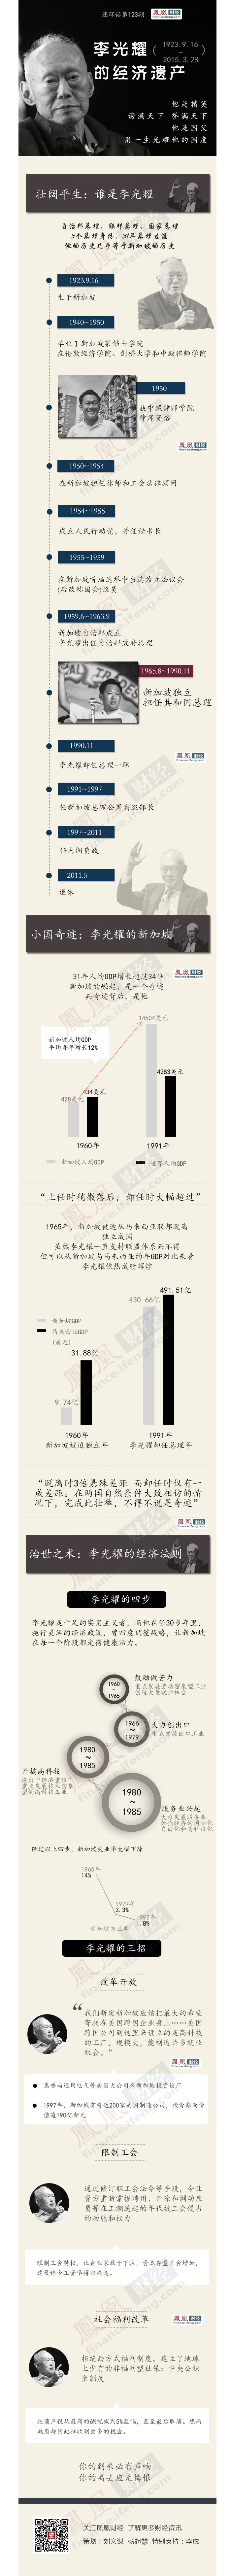 一张图看清李光耀的经济遗产 - 雷石梦 - 雷石梦(观新闻)